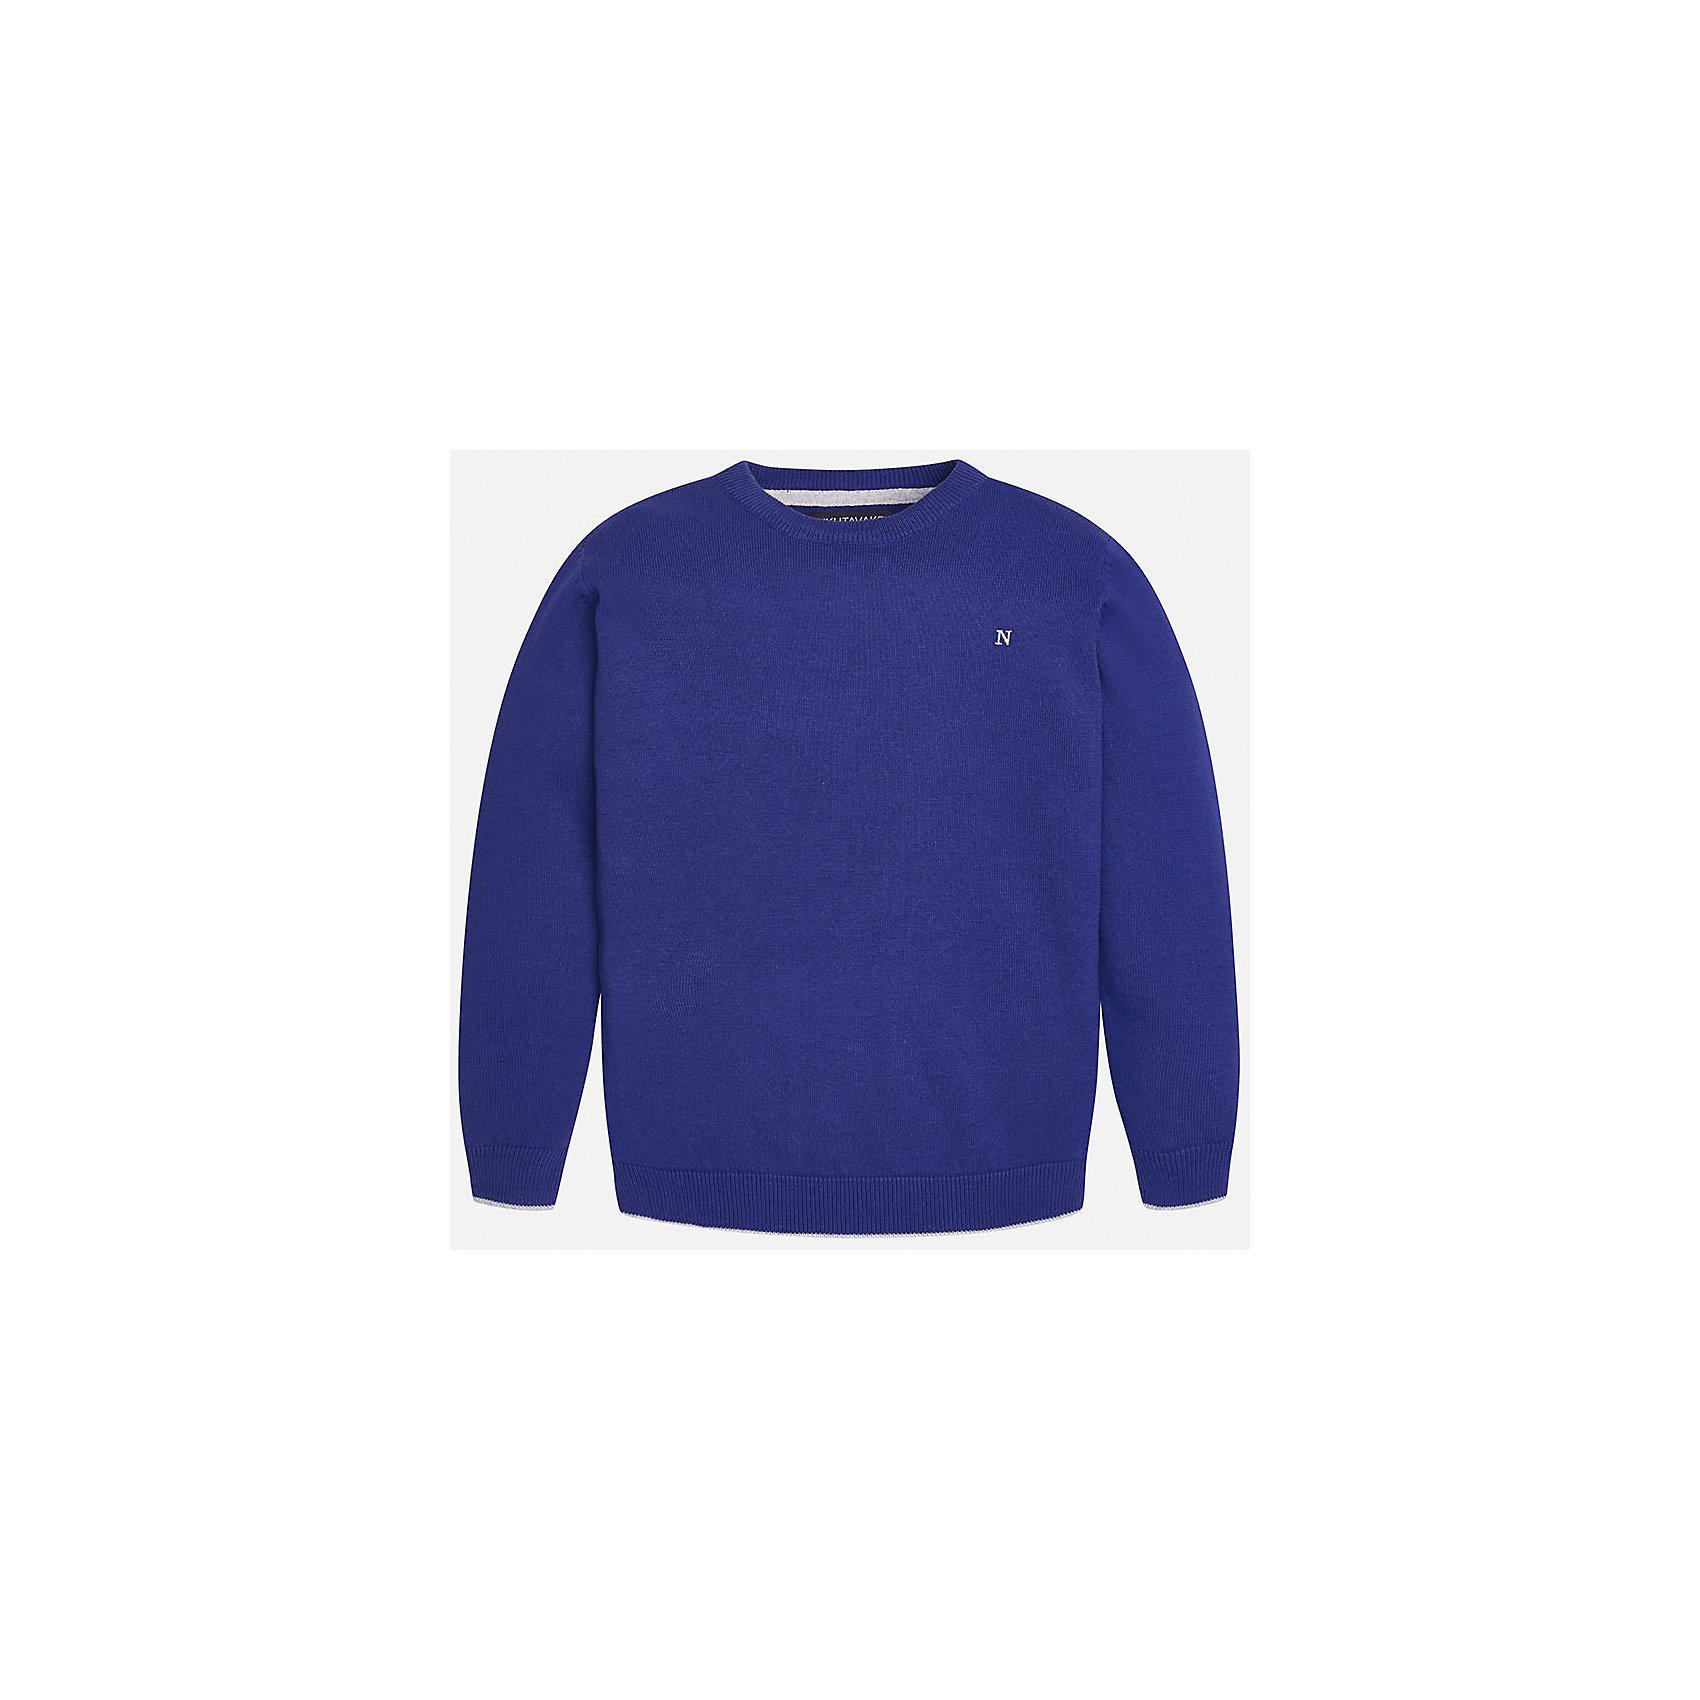 Свитер для мальчика MayoralКрасивый хлопковый свитер, с окантовкой внизу в виде трех серых полосок. Свитер хорошо садится и не тянется со временем.<br><br>Дополнительная информация:<br><br>- Прямой крой. <br>- Страна бренда: Испания.<br>- Состав: хлопок 100%<br>- Цвет: бордовый.<br>- Уход: бережная стирка при 30 градусах.<br><br>Купить свитер для мальчика Mayoral можно в нашем магазине.<br><br>Ширина мм: 190<br>Глубина мм: 74<br>Высота мм: 229<br>Вес г: 236<br>Цвет: бордовый<br>Возраст от месяцев: 96<br>Возраст до месяцев: 108<br>Пол: Мужской<br>Возраст: Детский<br>Размер: 128/134,164/170,158/164,152/158,146/152,134/140<br>SKU: 4821725